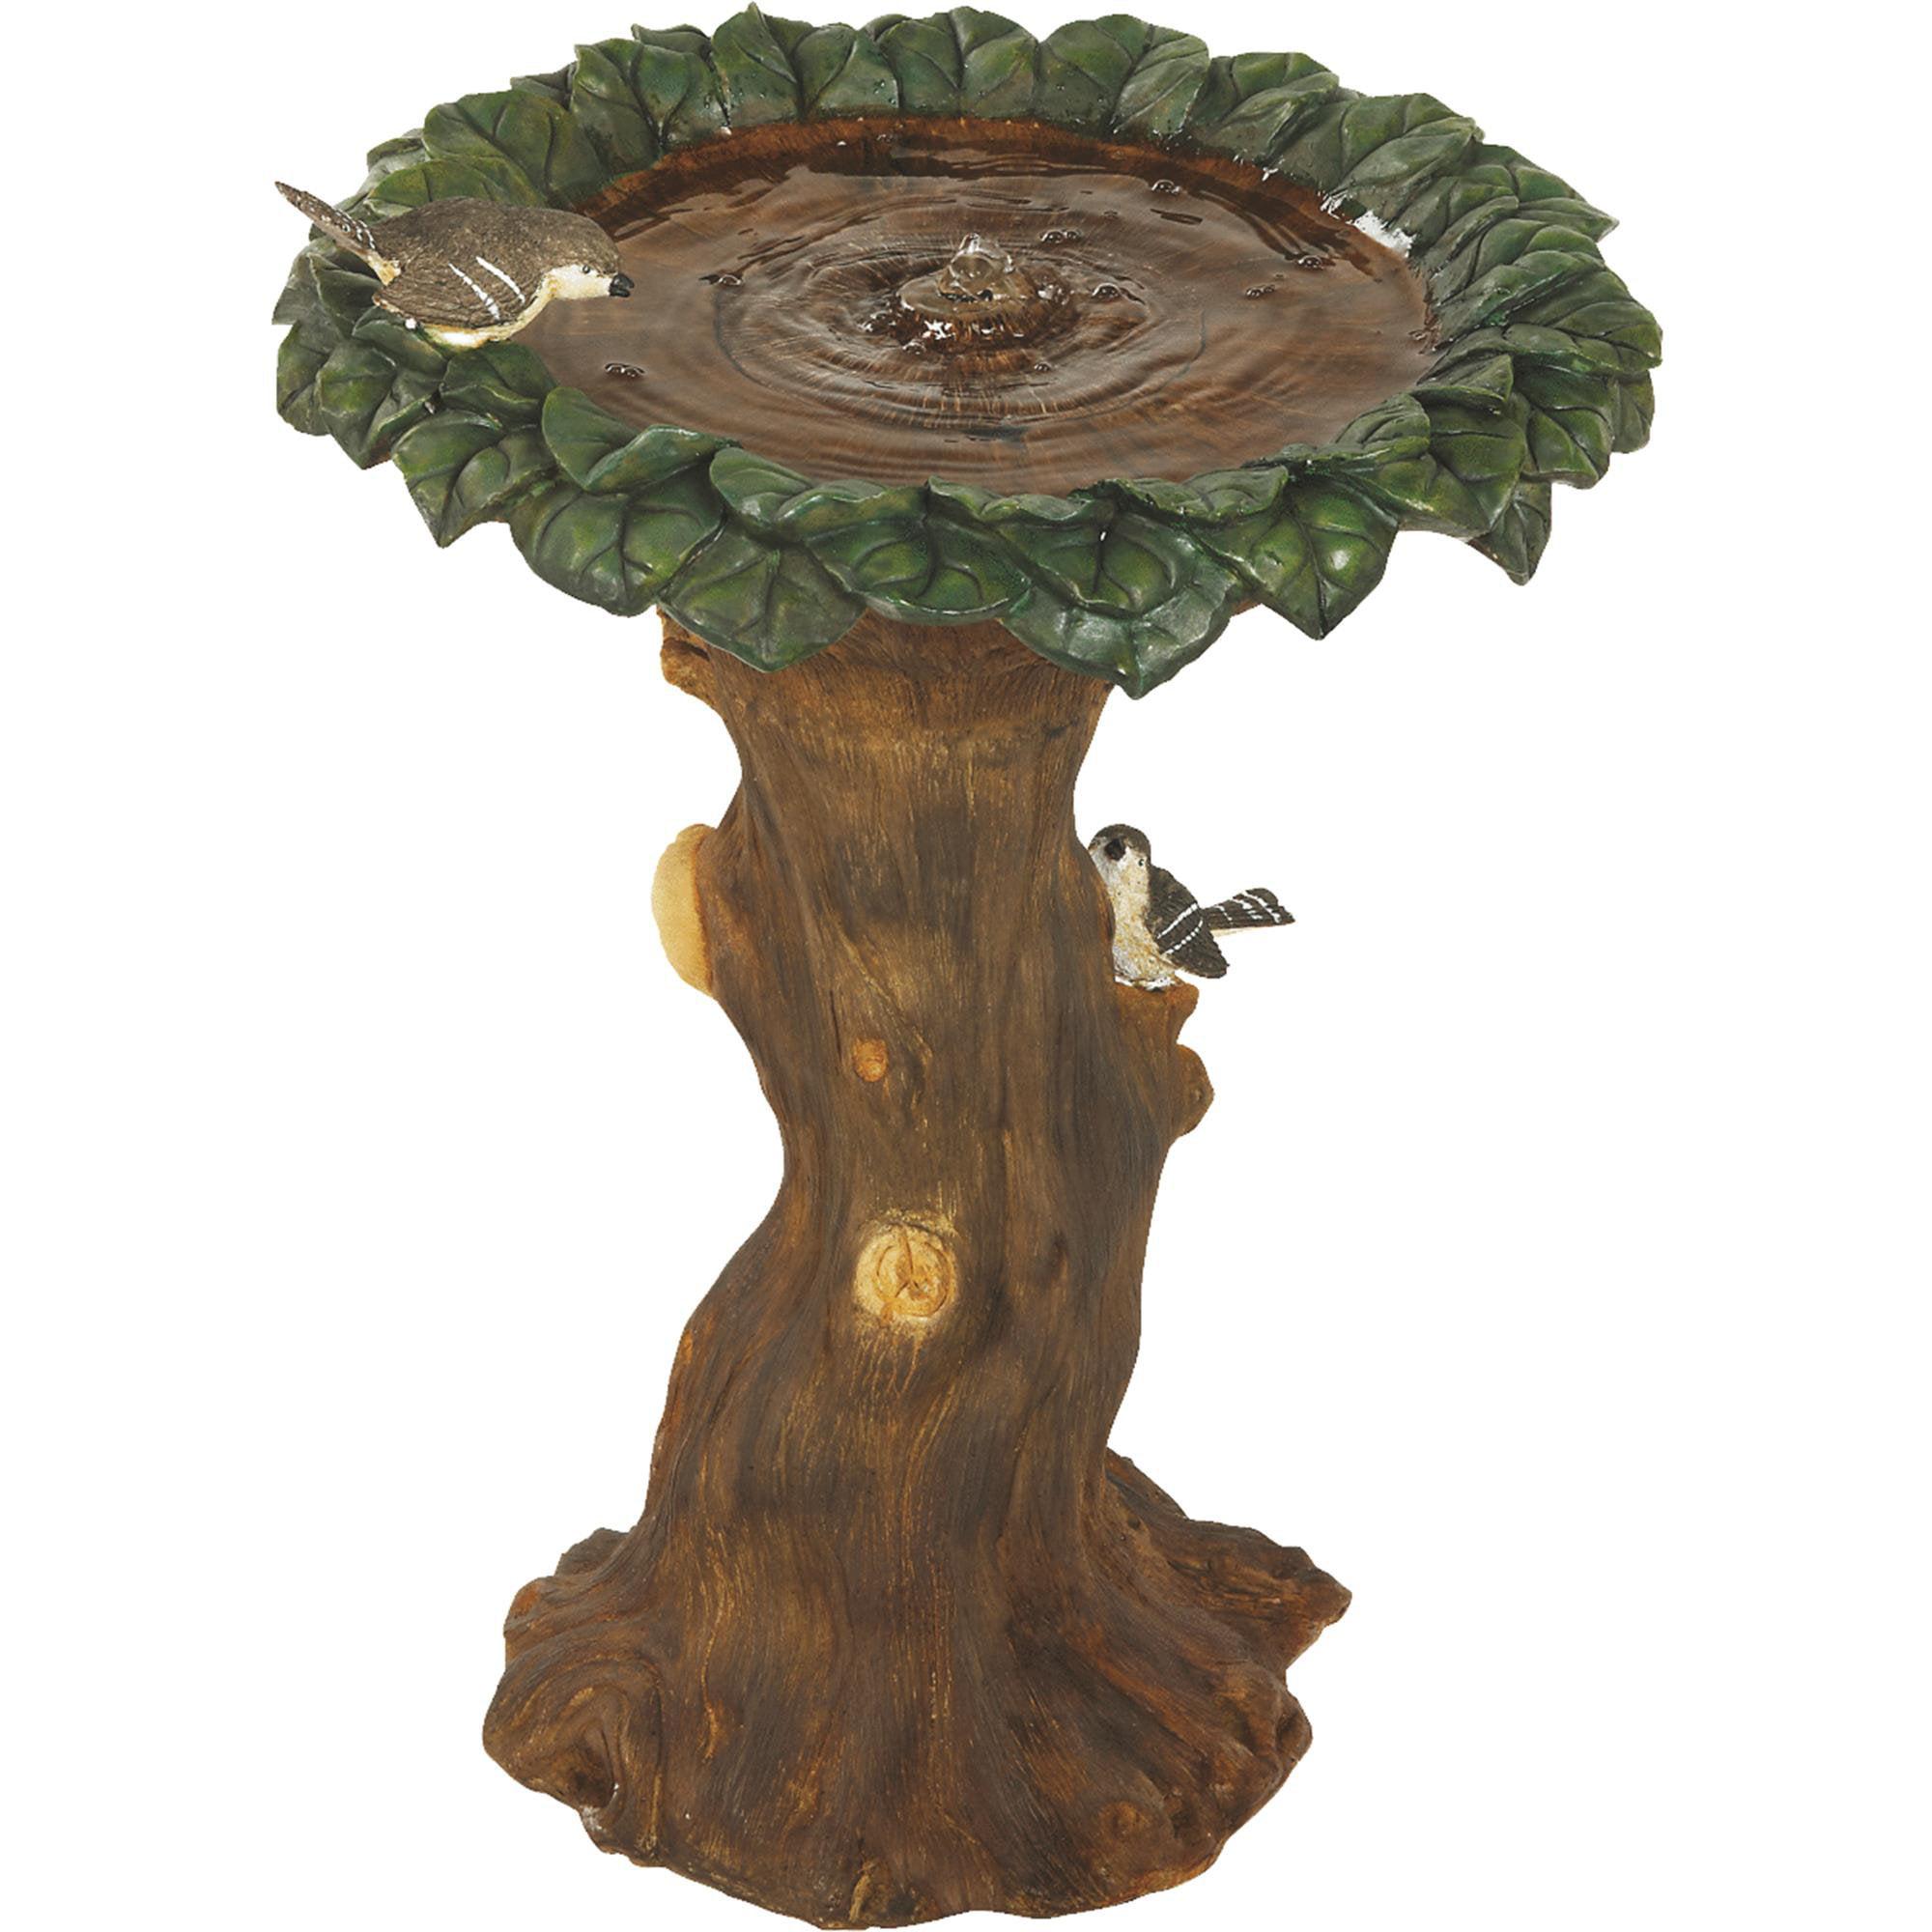 Best Garden Tree Birdbath Fountain by Do it Best Global Sourcing